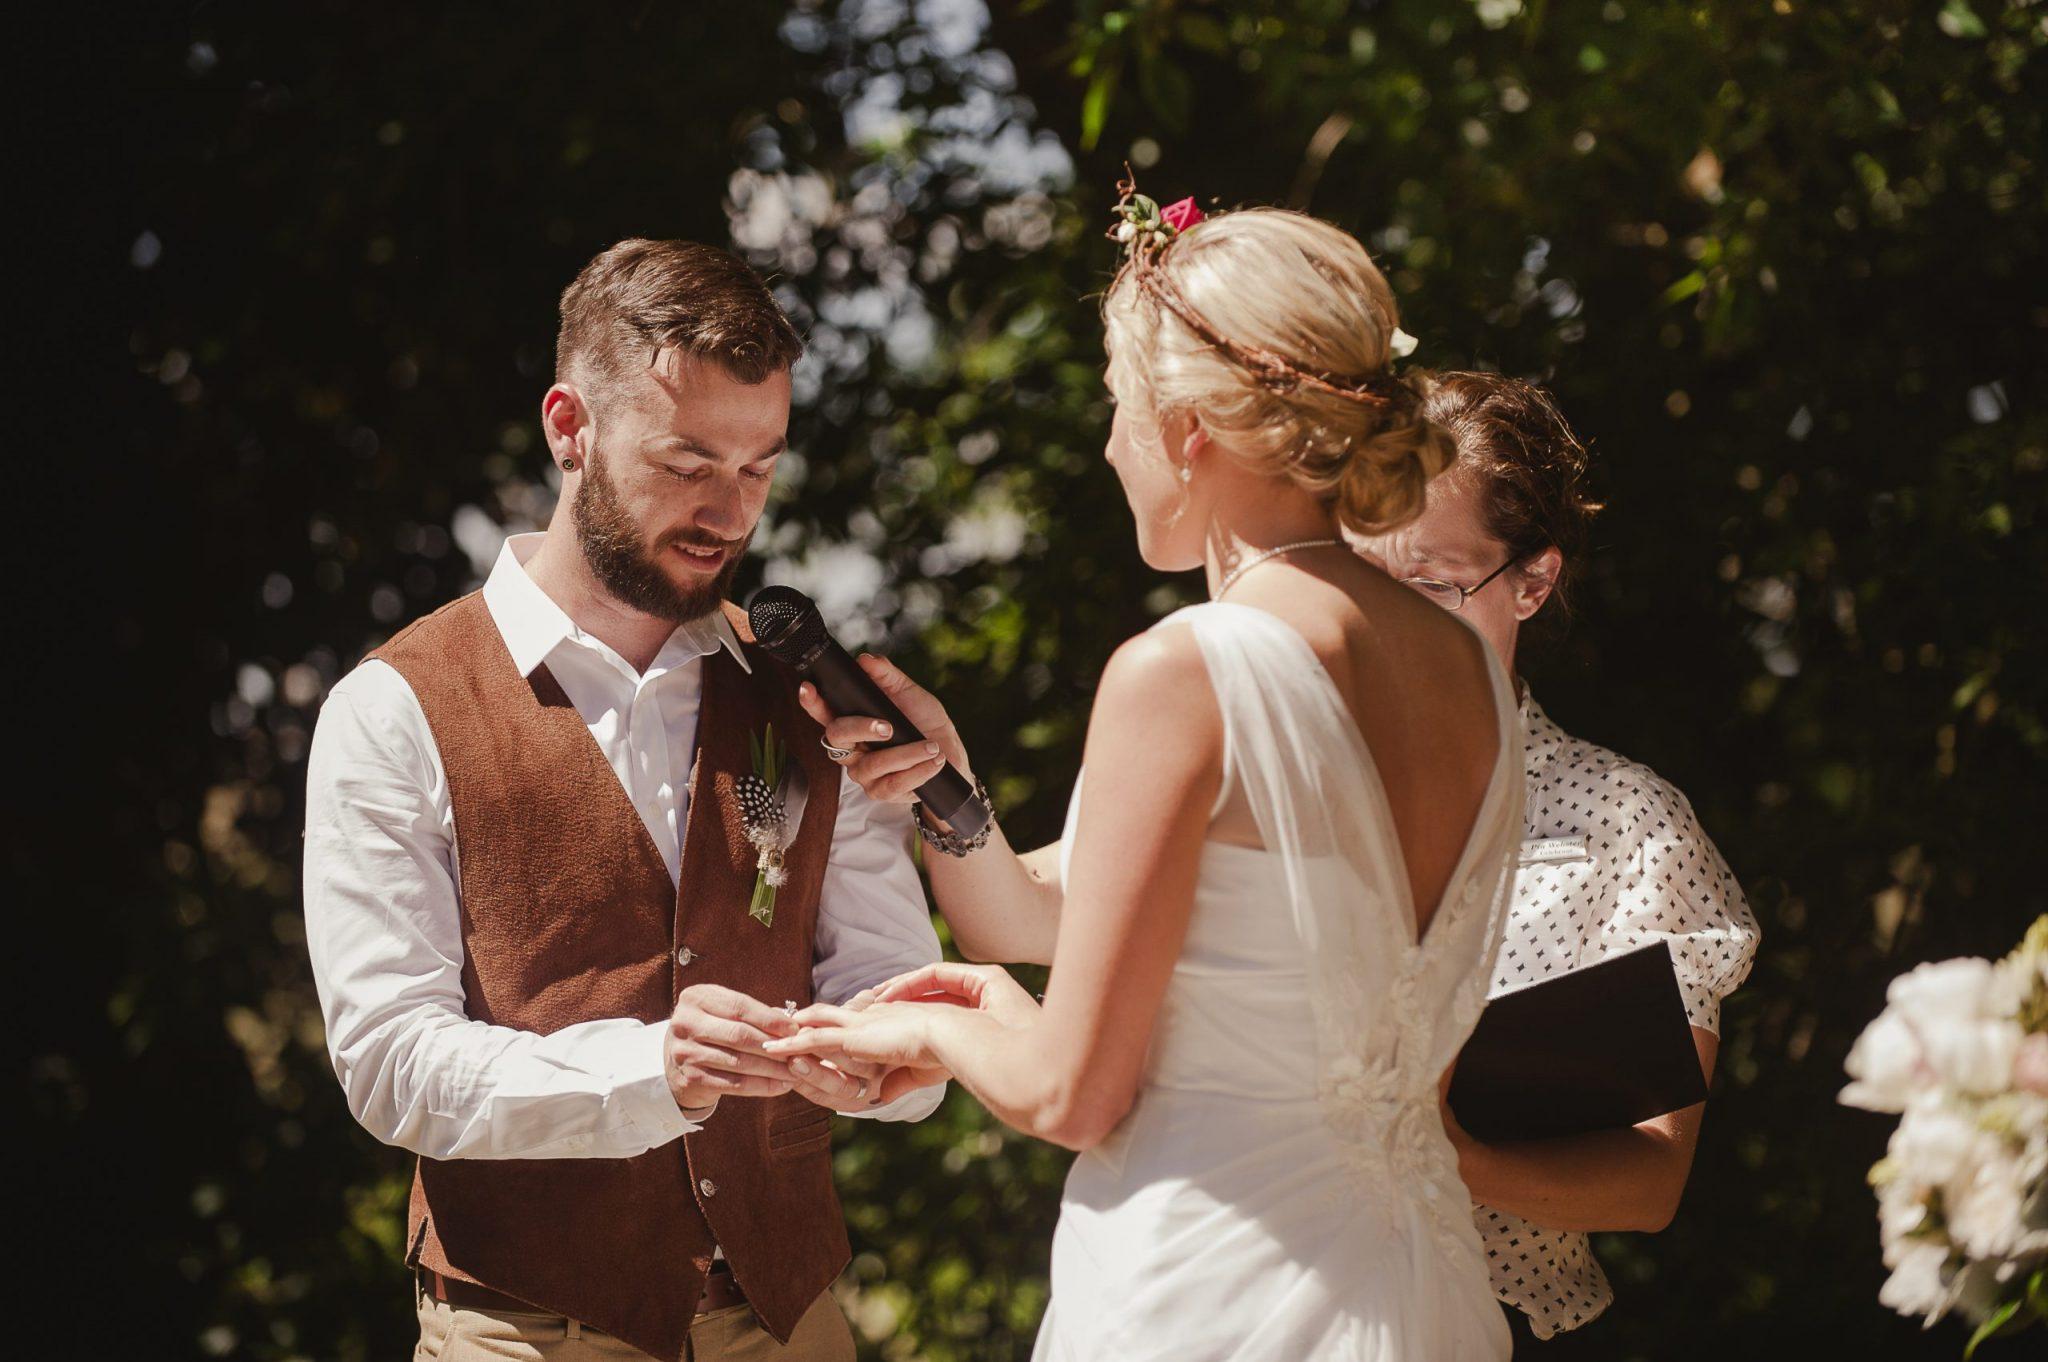 wedding flowers, vintage bride, Daylesford wedding, country wedding, vintage wedding, Bringlebit farm, wedding ring exchange